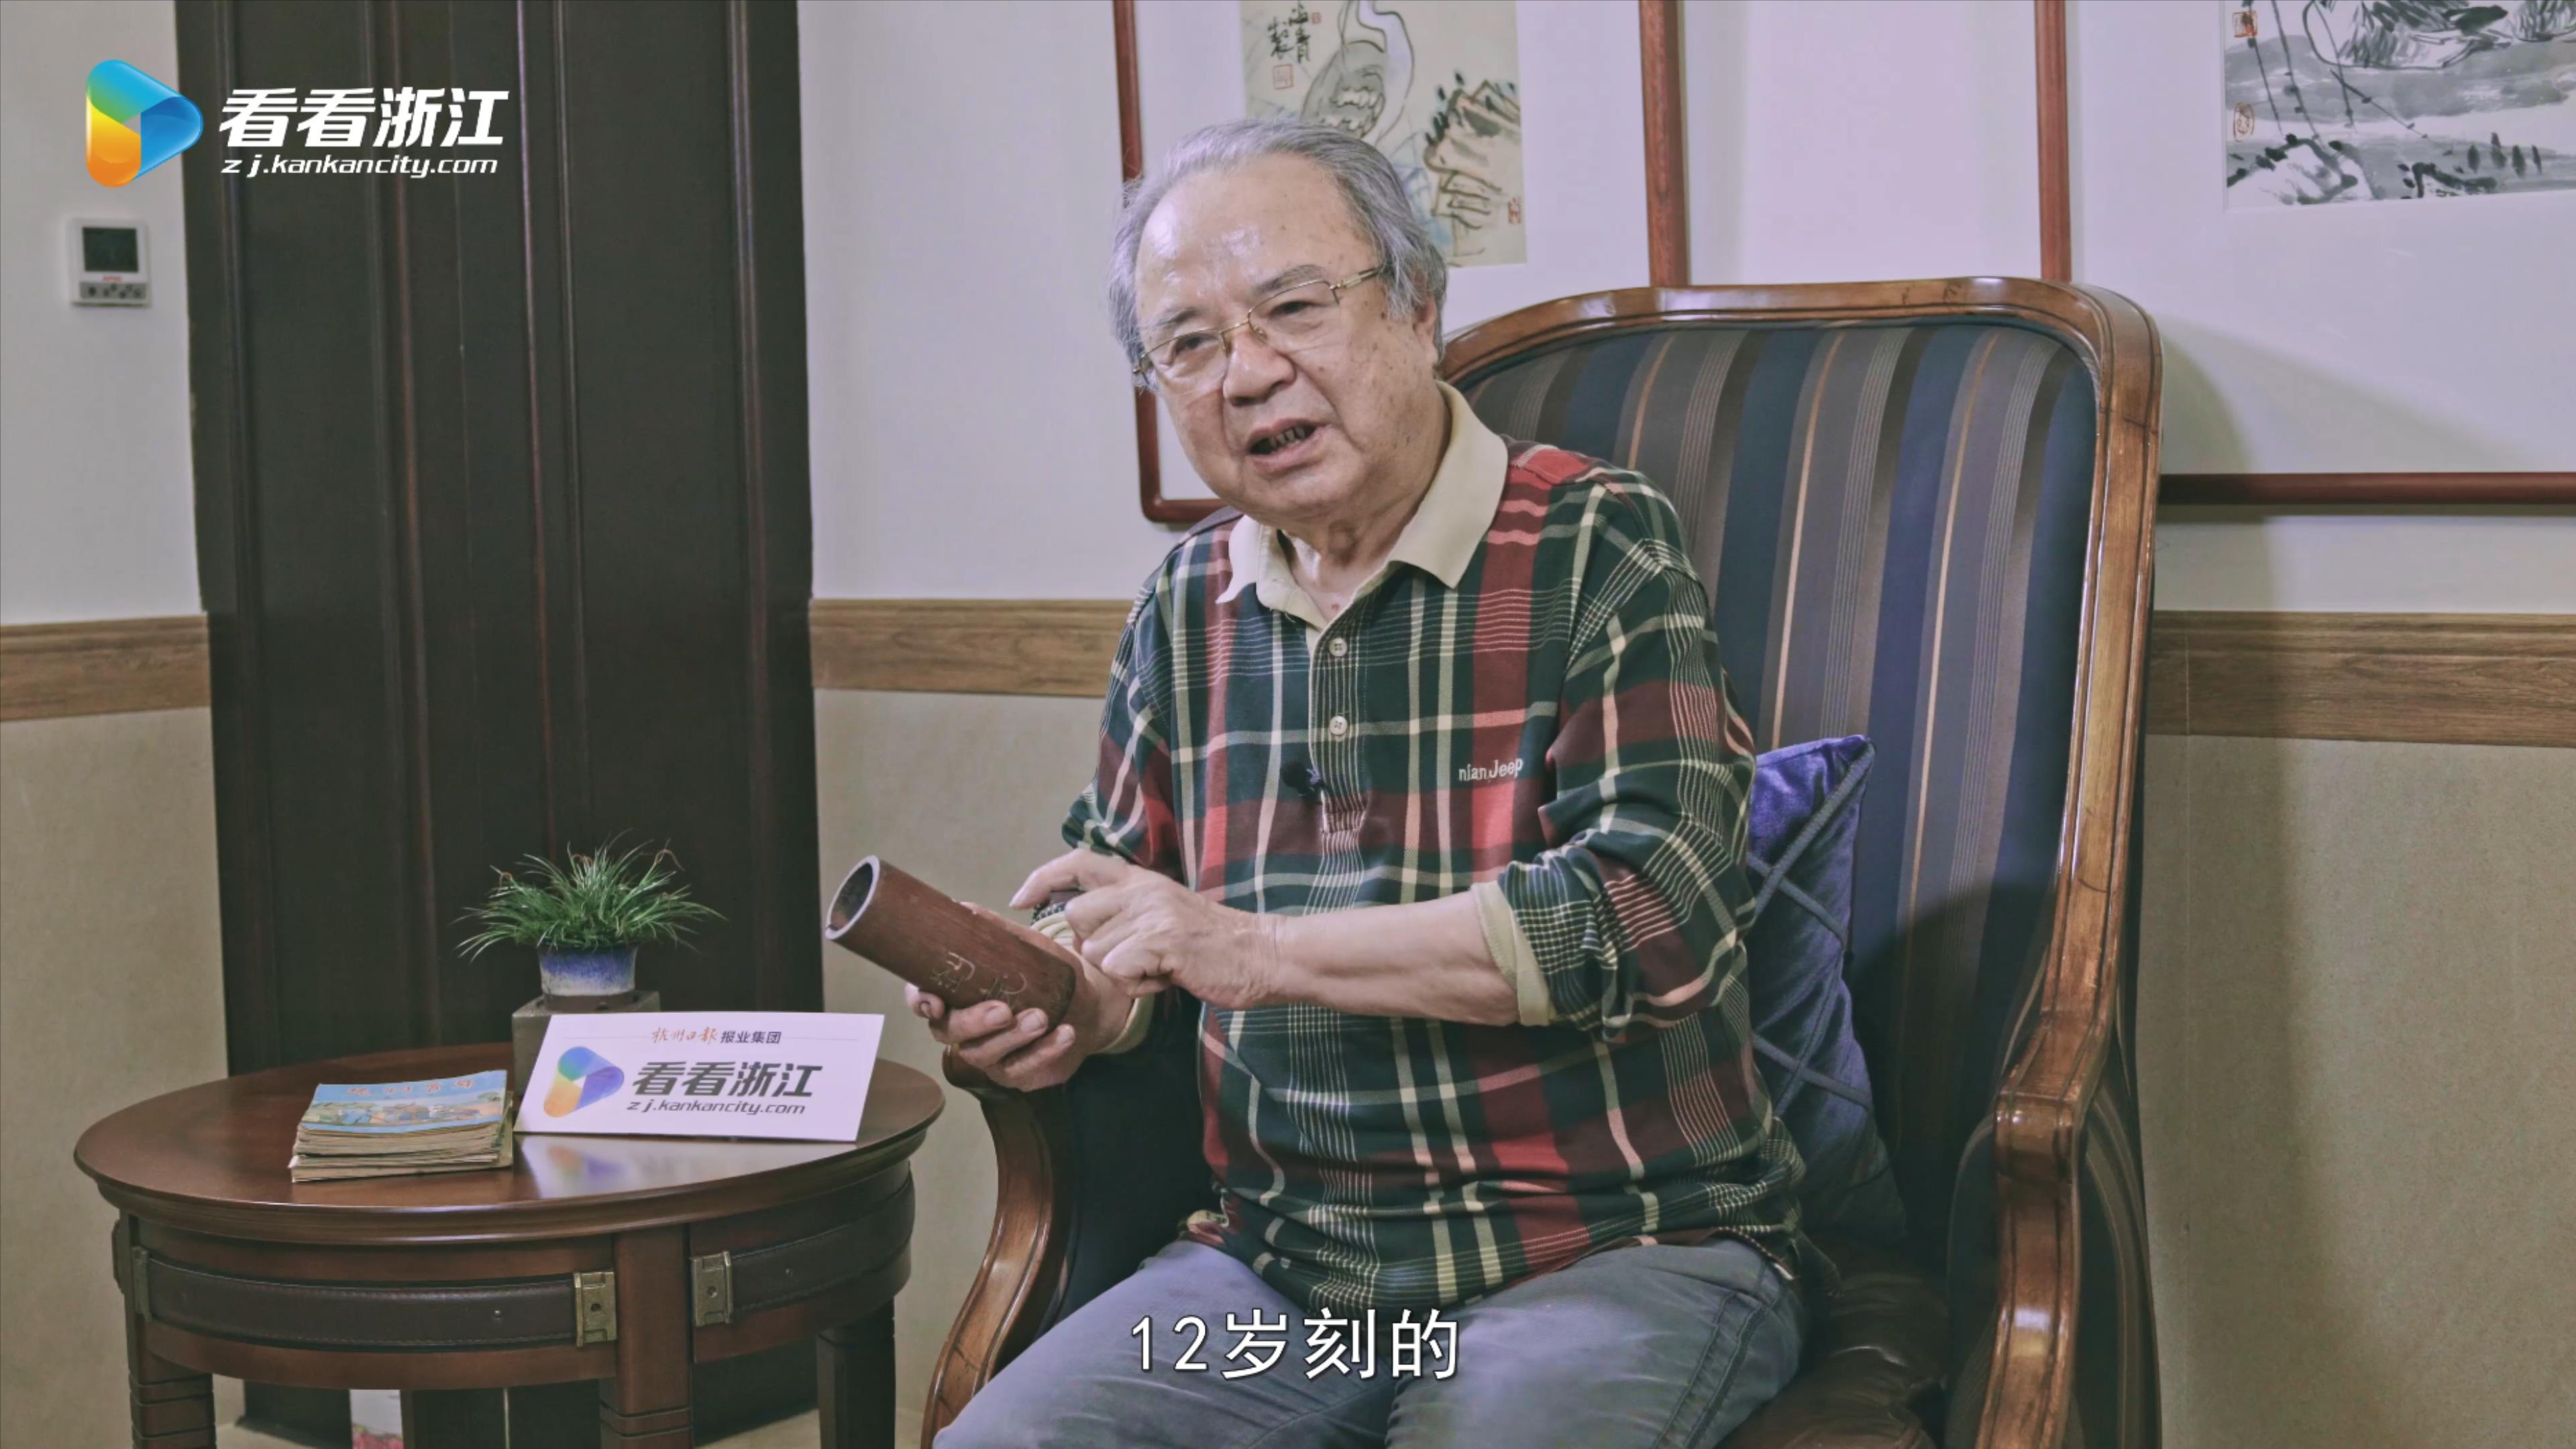 艺坛名家:叶尚青——慧